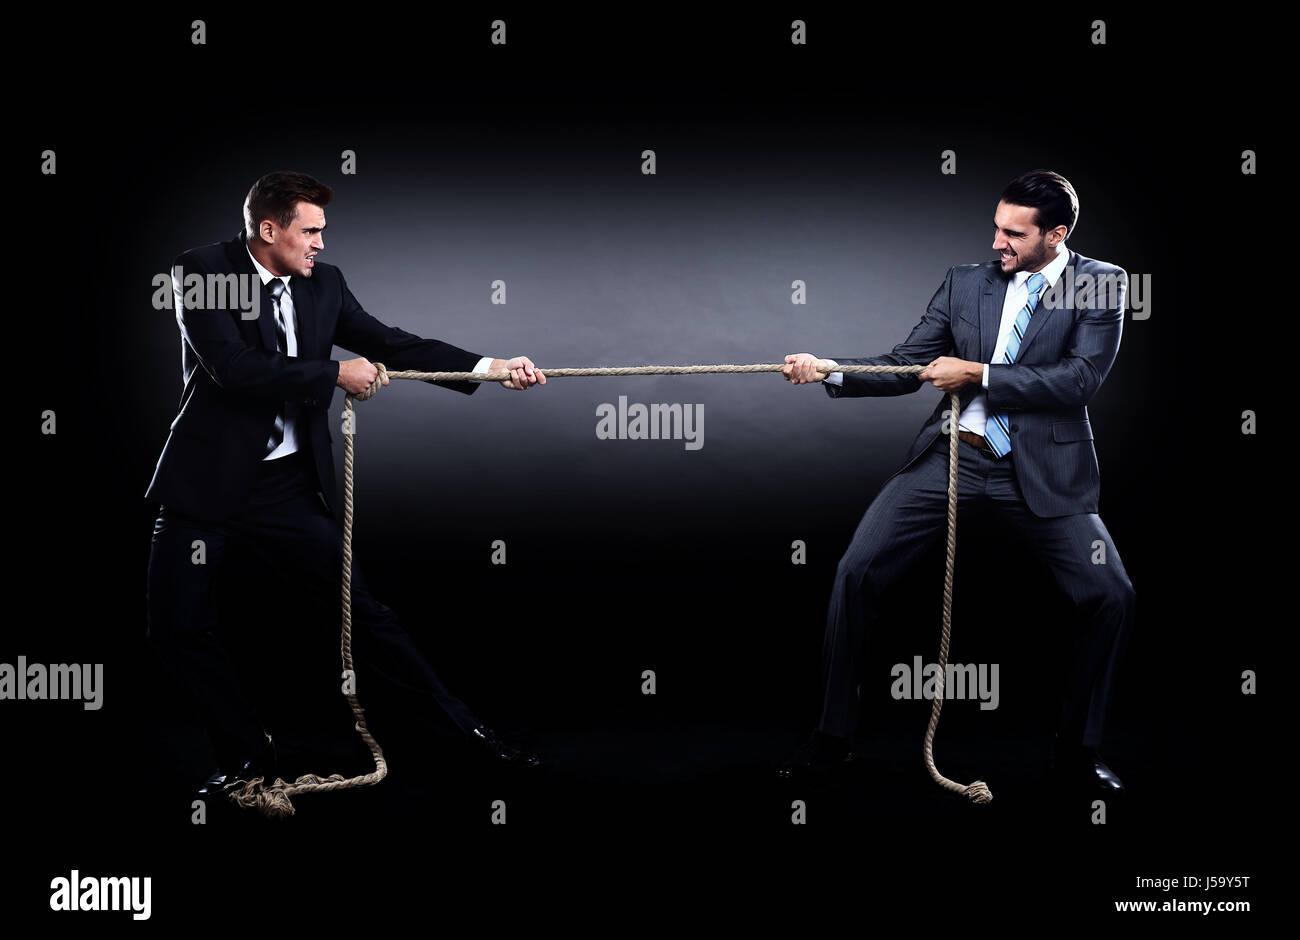 Deux hommes d'affaires en tirant la corde dans une compétition, isolé sur fond blanc Photo Stock